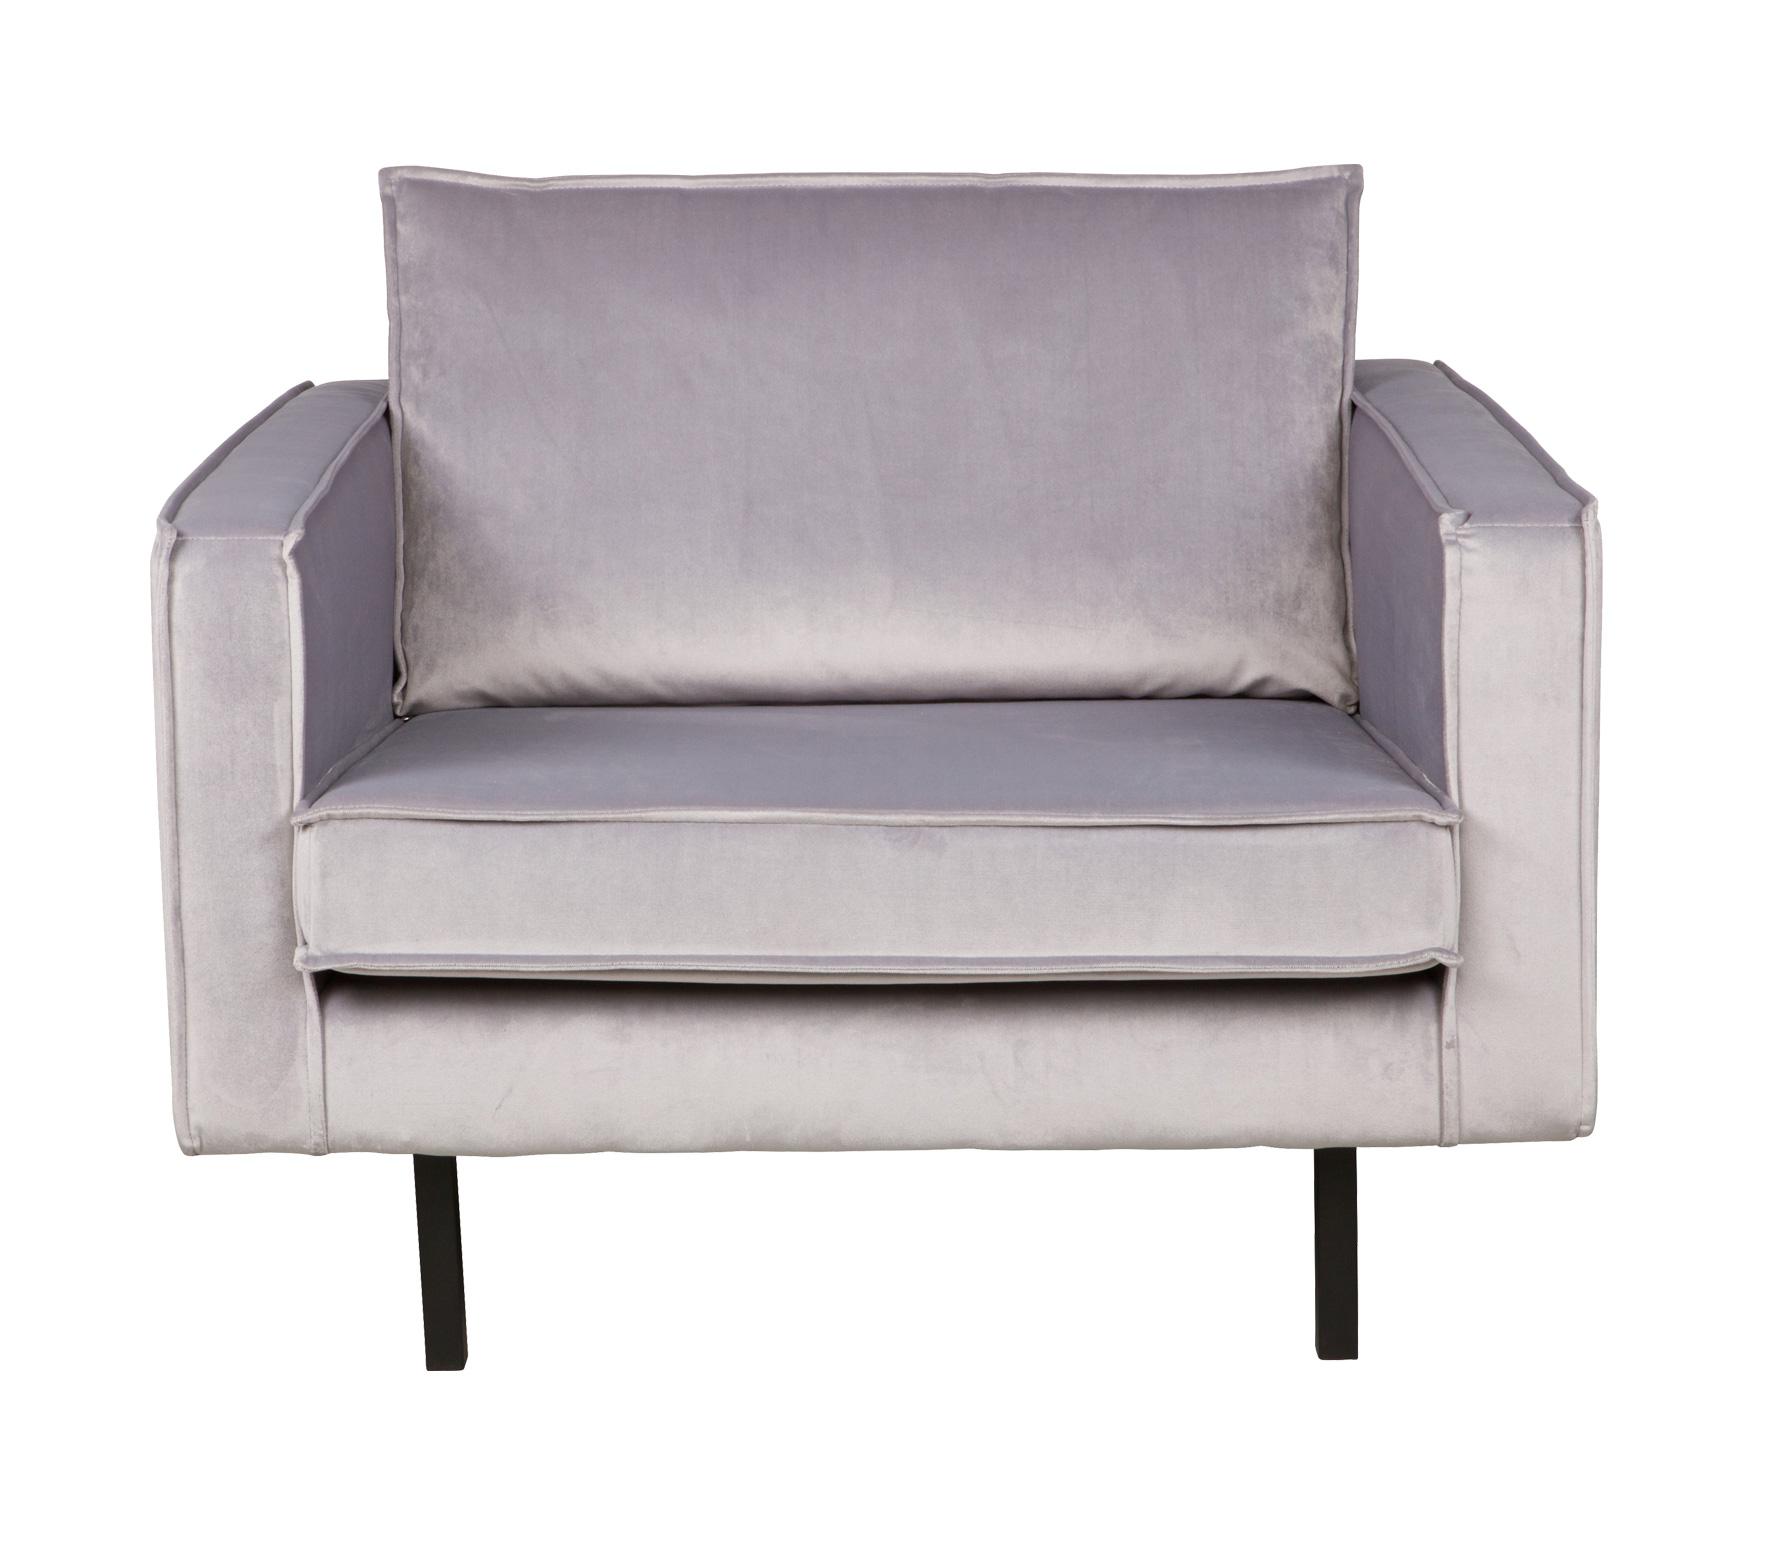 BePureHome Rodeo loveseat 1,5-zits fauteuil lichtgrijs velvet